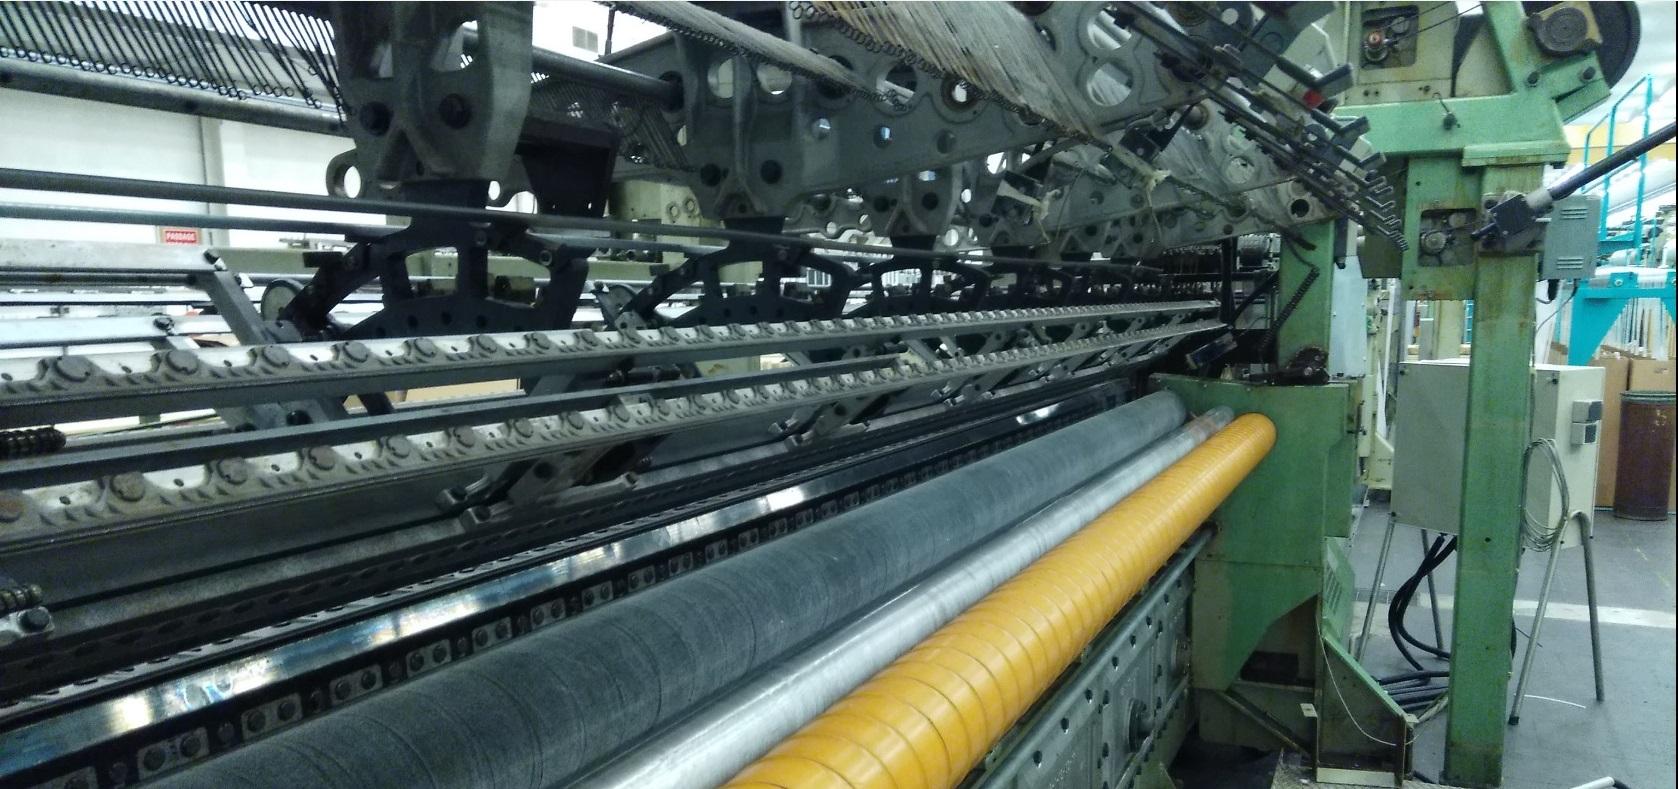 R20/3 Twistex Karl Mayer lace machine MRES16EH